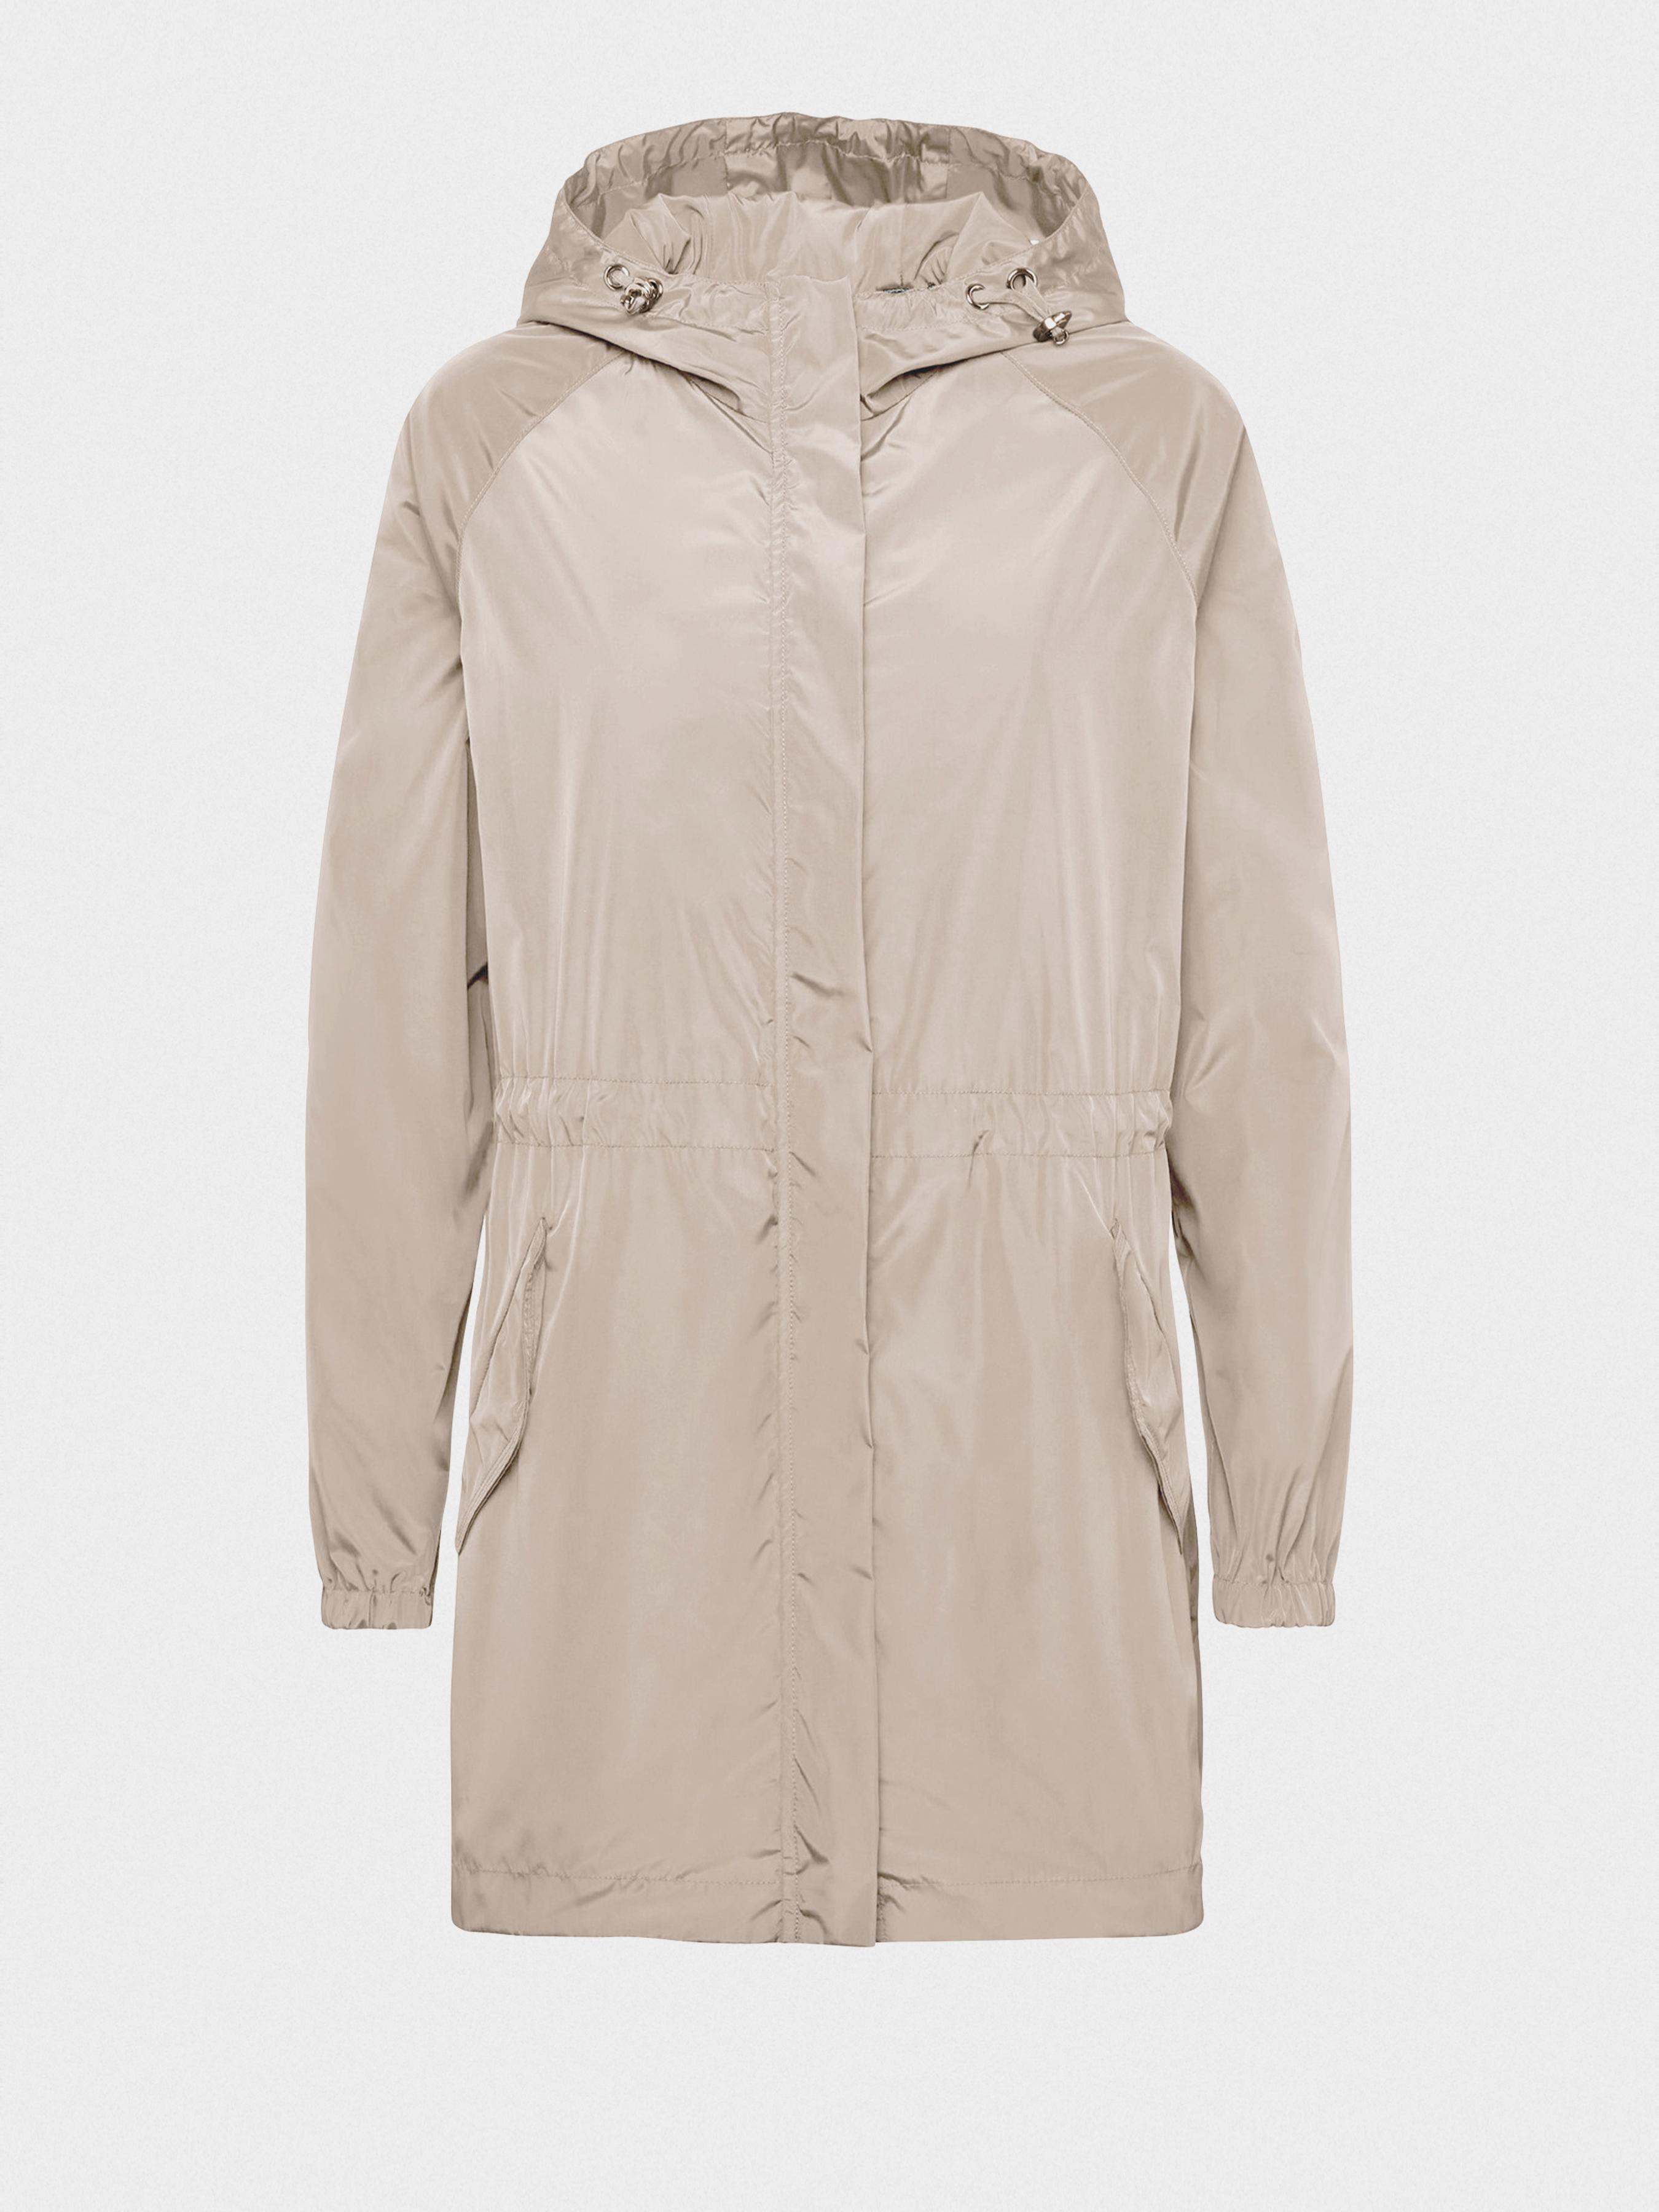 Купить Пальто женские модель XA6146, Geox, Розовый